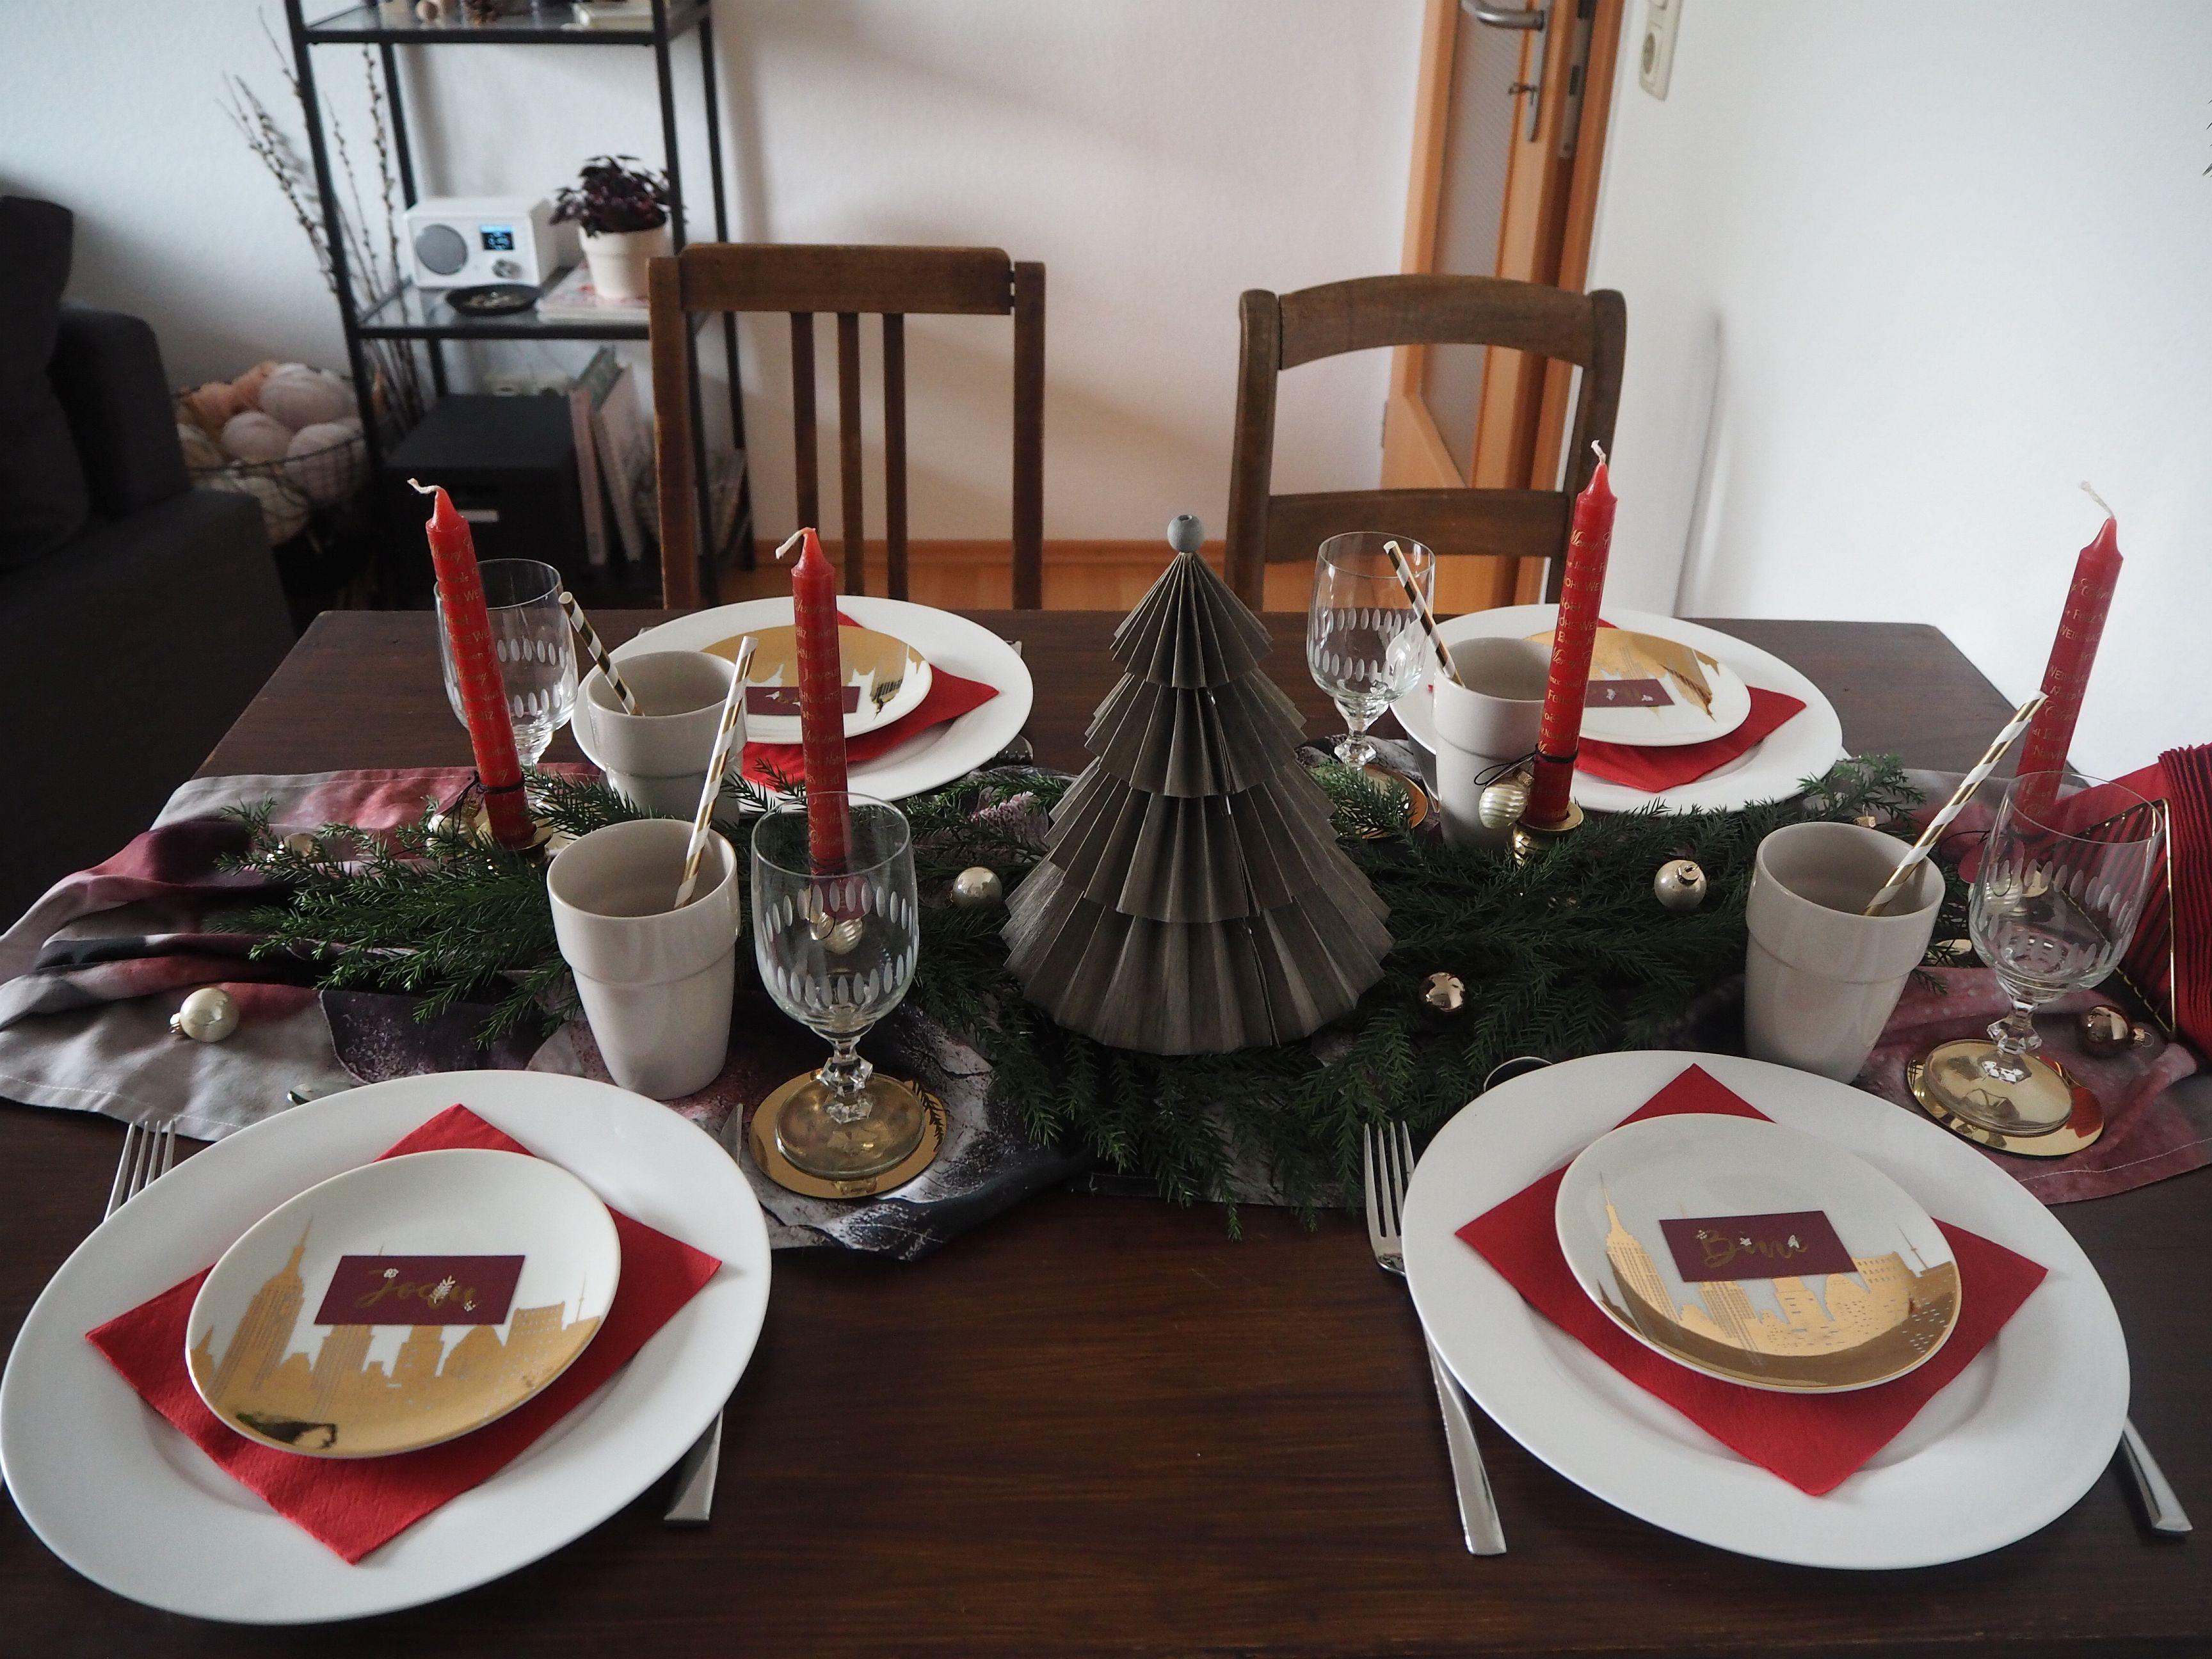 2017-12-skoen-och-kreativ-interior-tischdeko-klassisch-rot-weihnachtstisch (13)